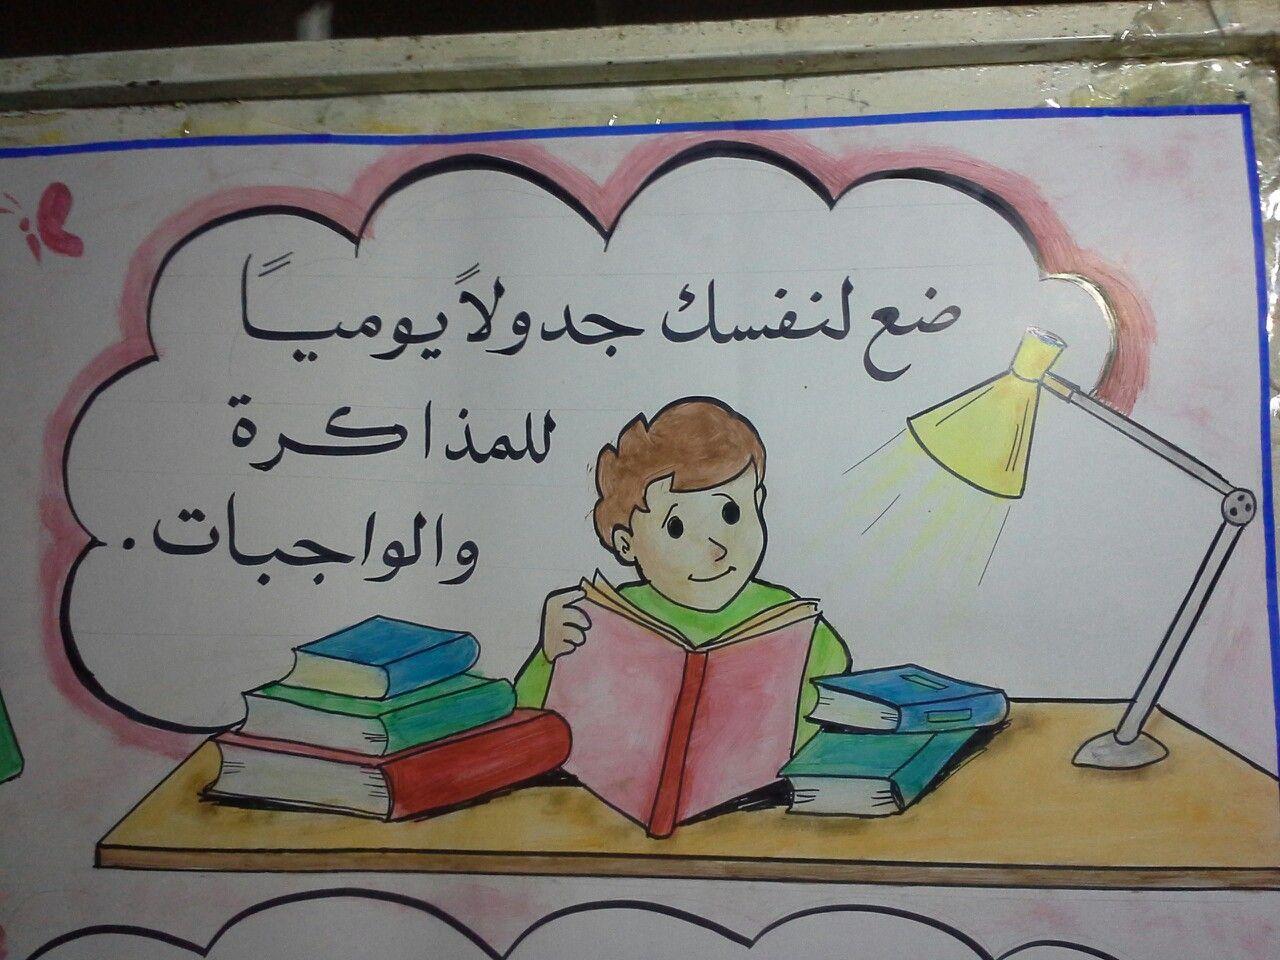 Pin By Ahlam Abd Rosyeed On عبارات تشجيعية وتحفيزية لطلاب المدارس من اجل النجاح School Crafts Easy Drawings Classroom Bulletin Boards